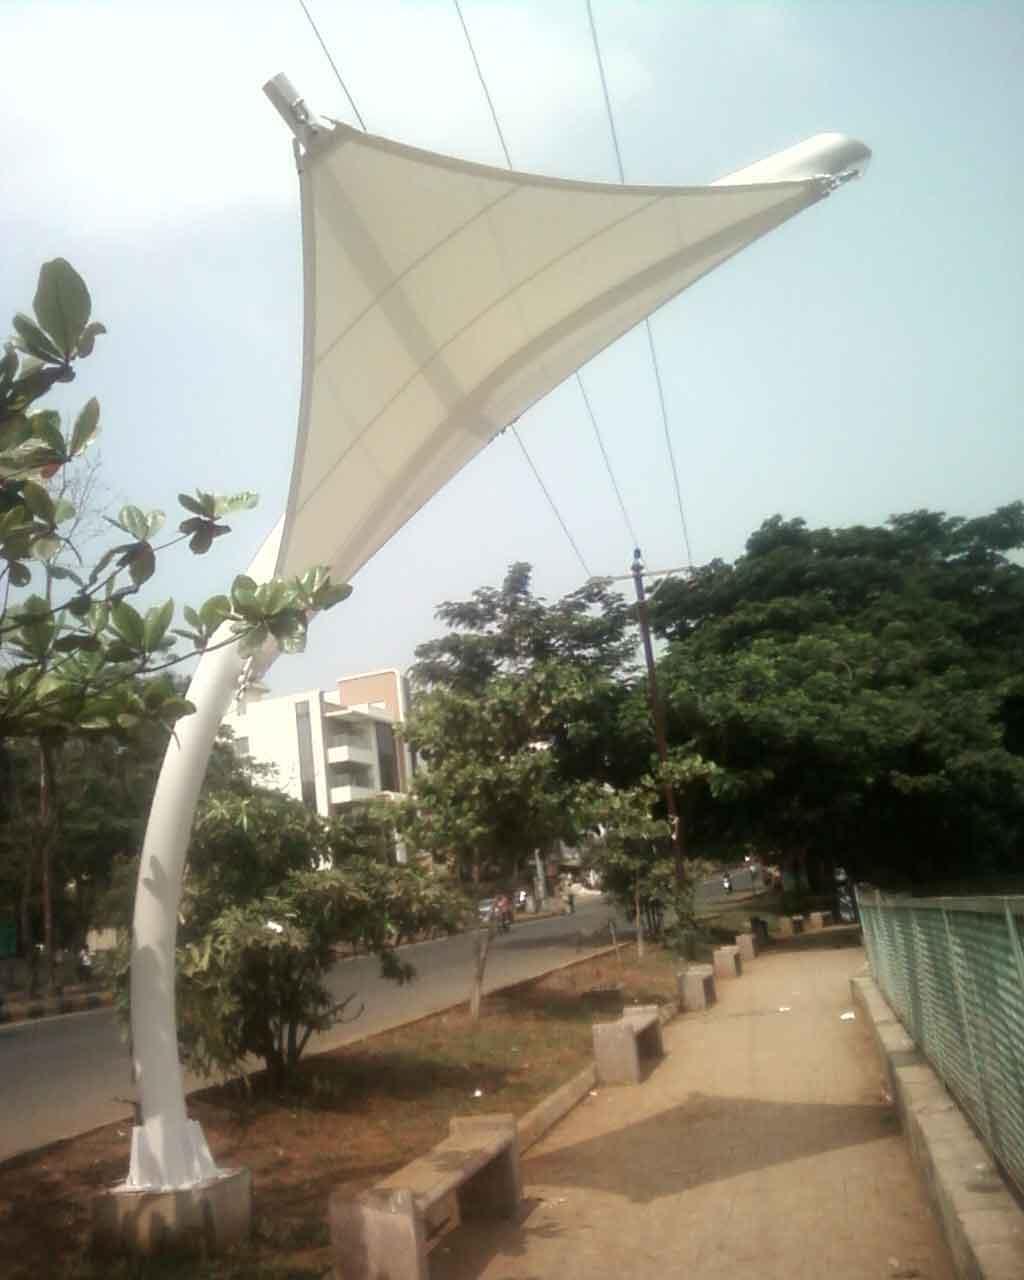 CIDCO Shade Sail